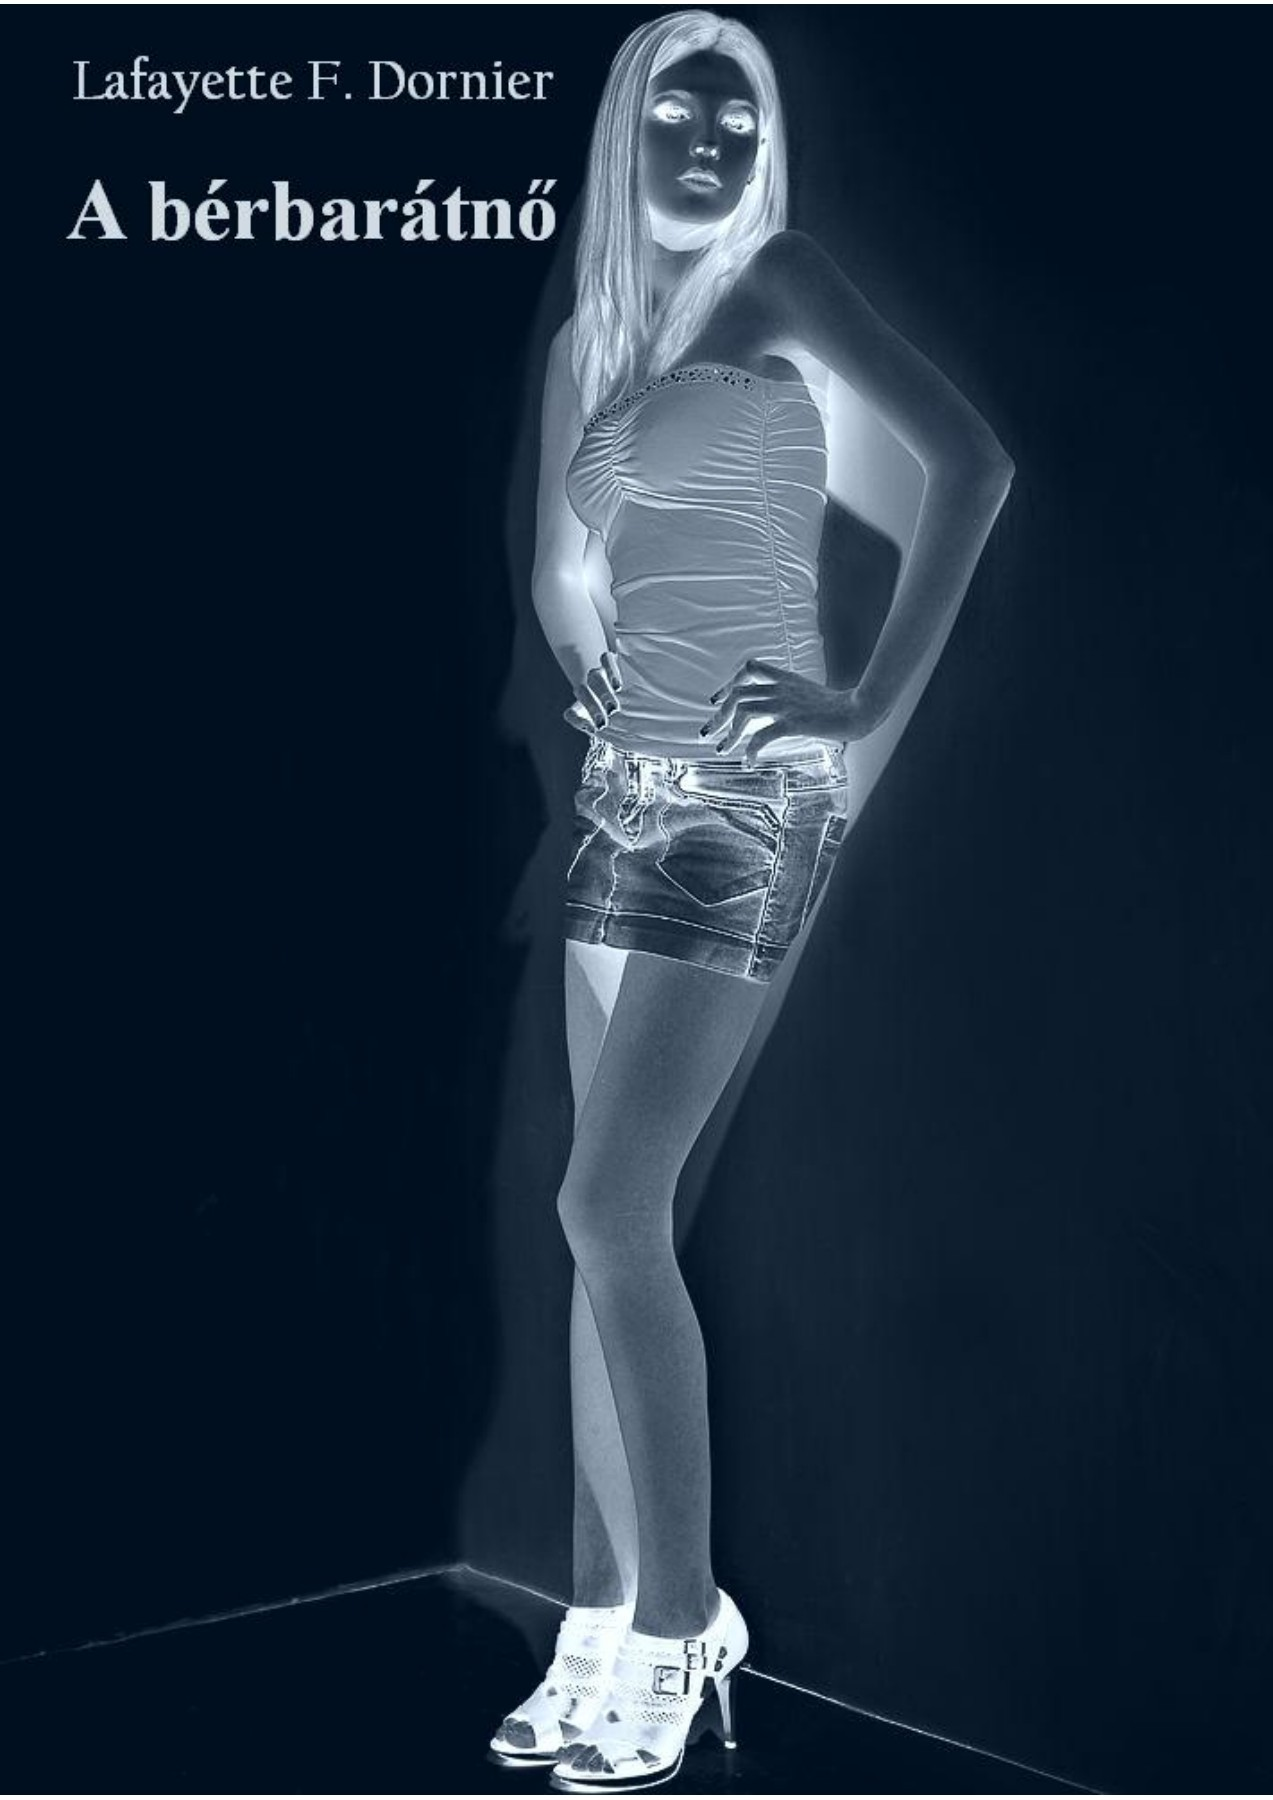 fotó a helyes merevítésről befolyásolja ea sérv az erekciót